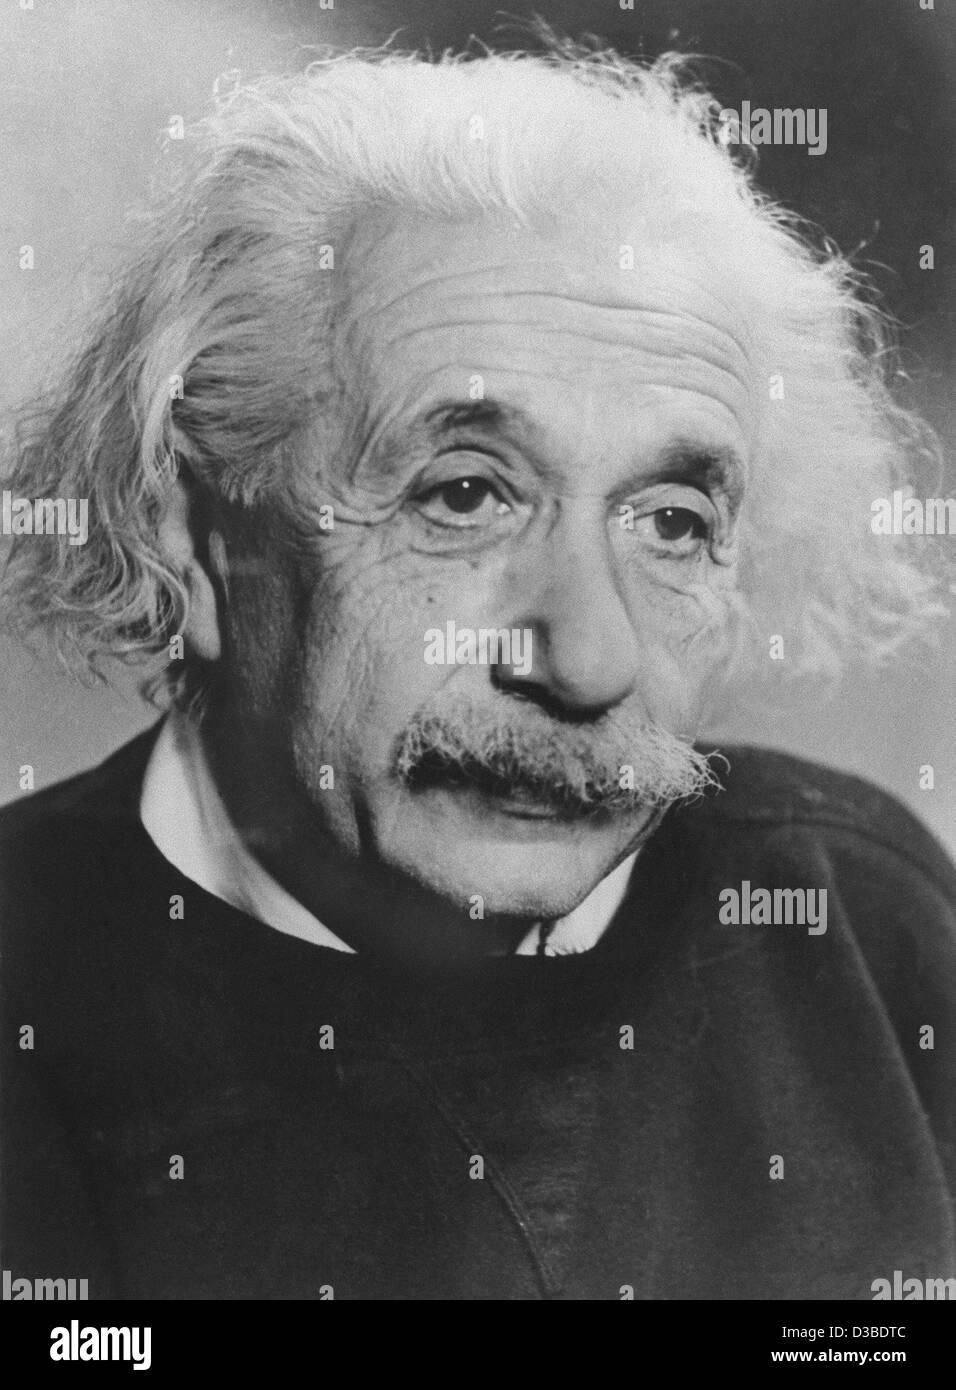 Wann Lebte Albert Einstein